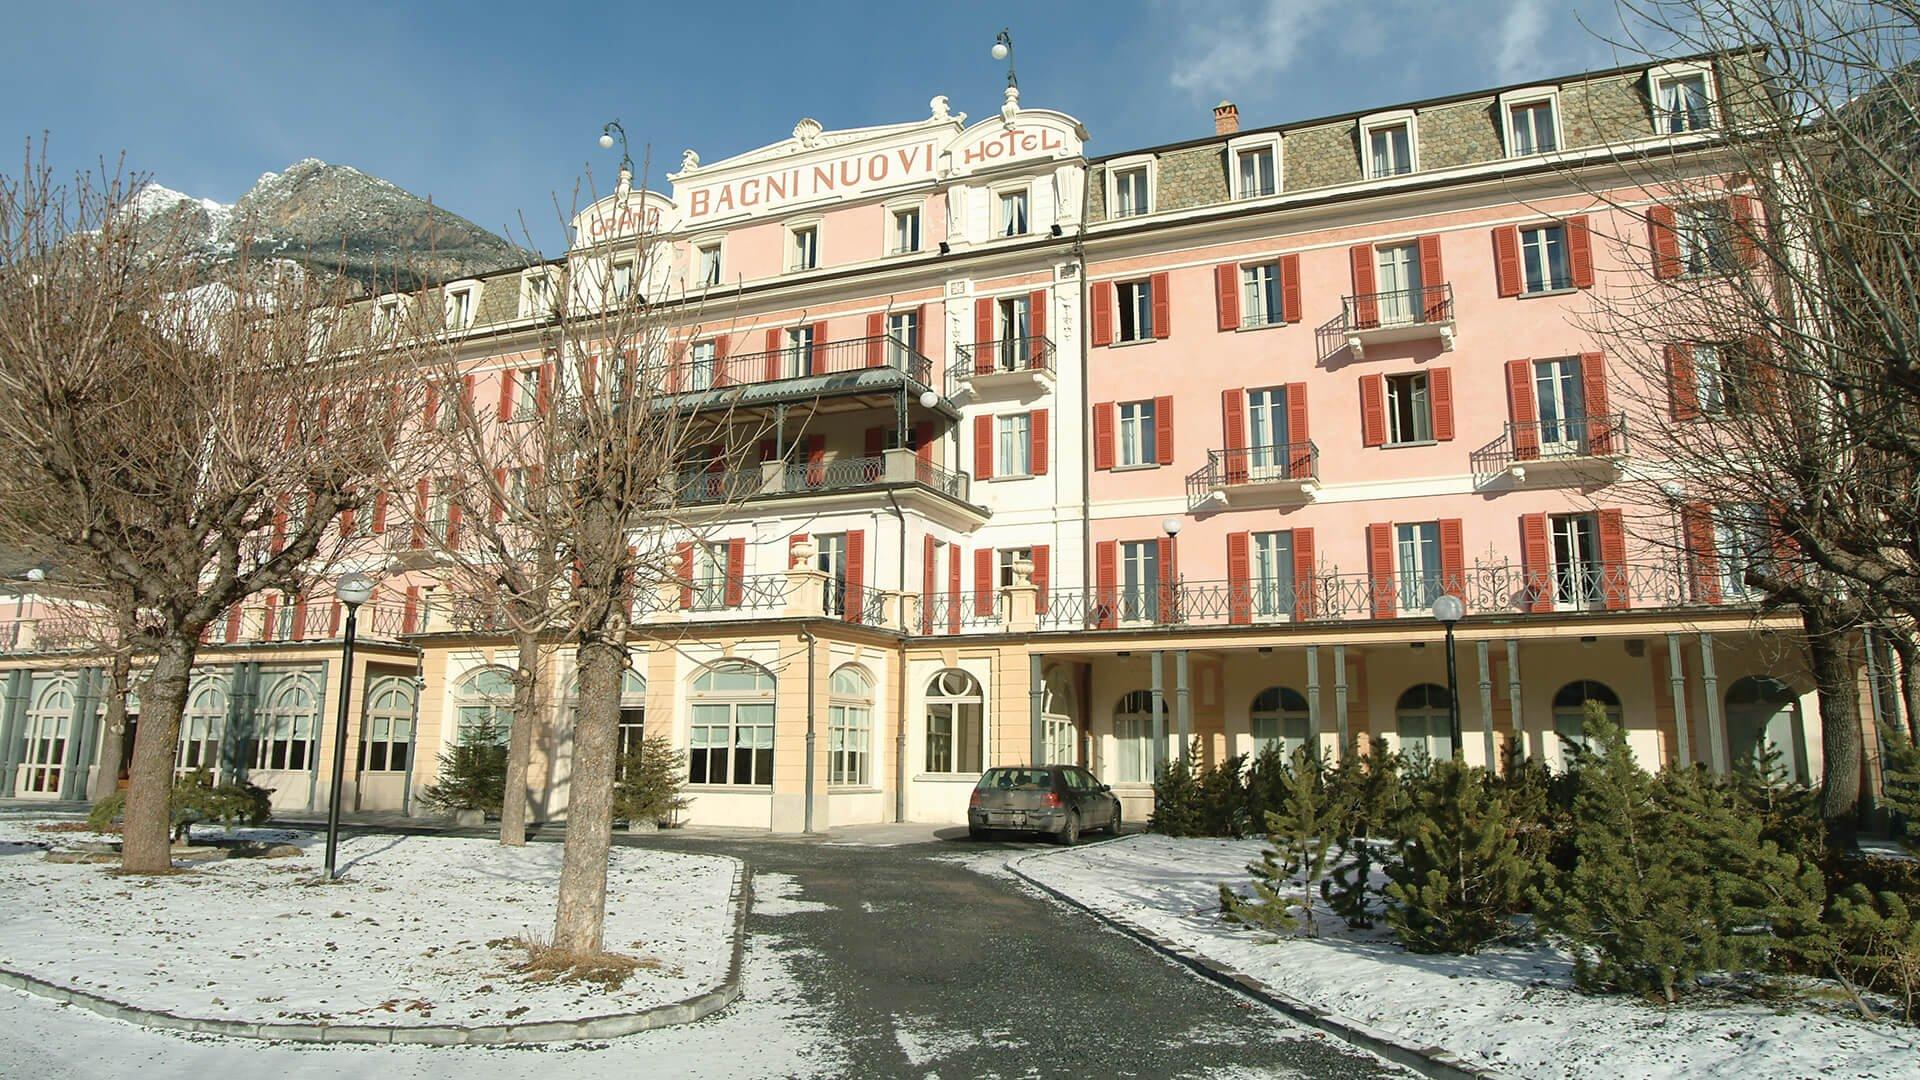 Gran Hotel Bagni Nuovi***** 1